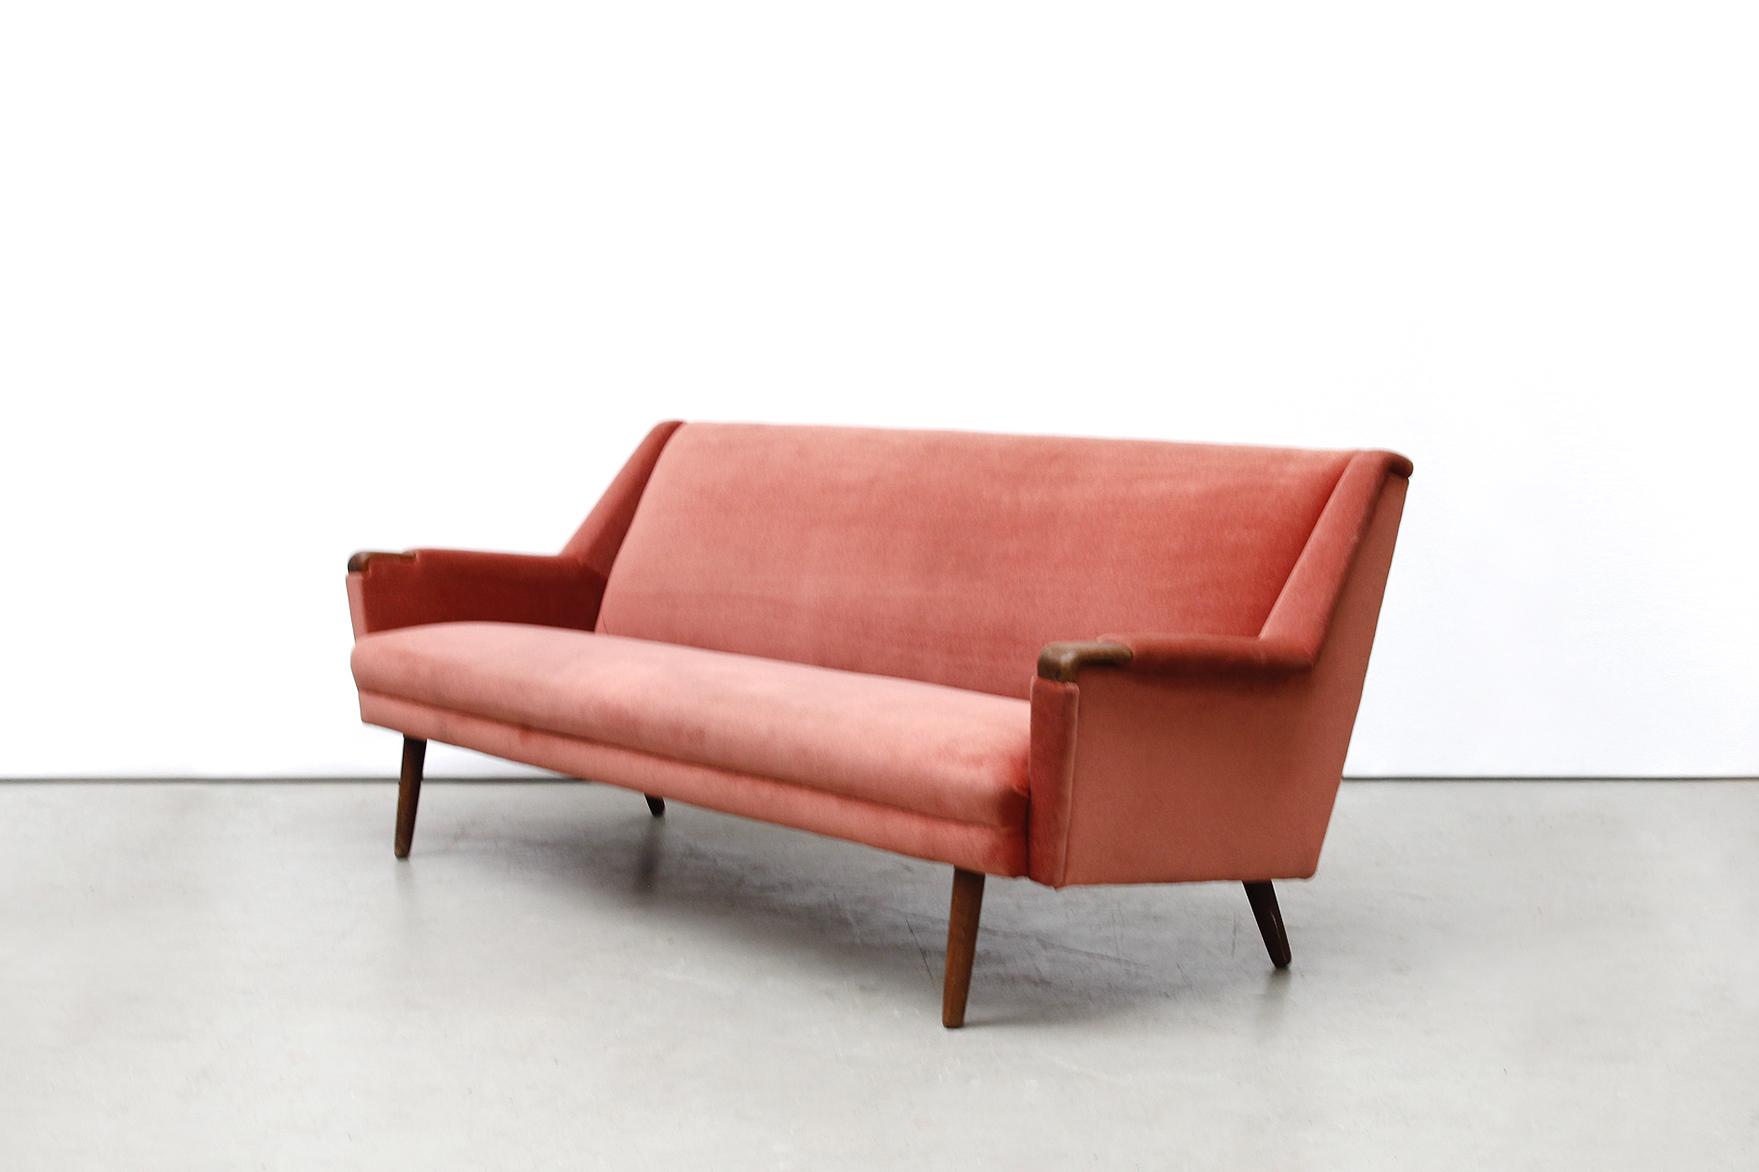 Vintage oud roze deens design bank sofa van ons